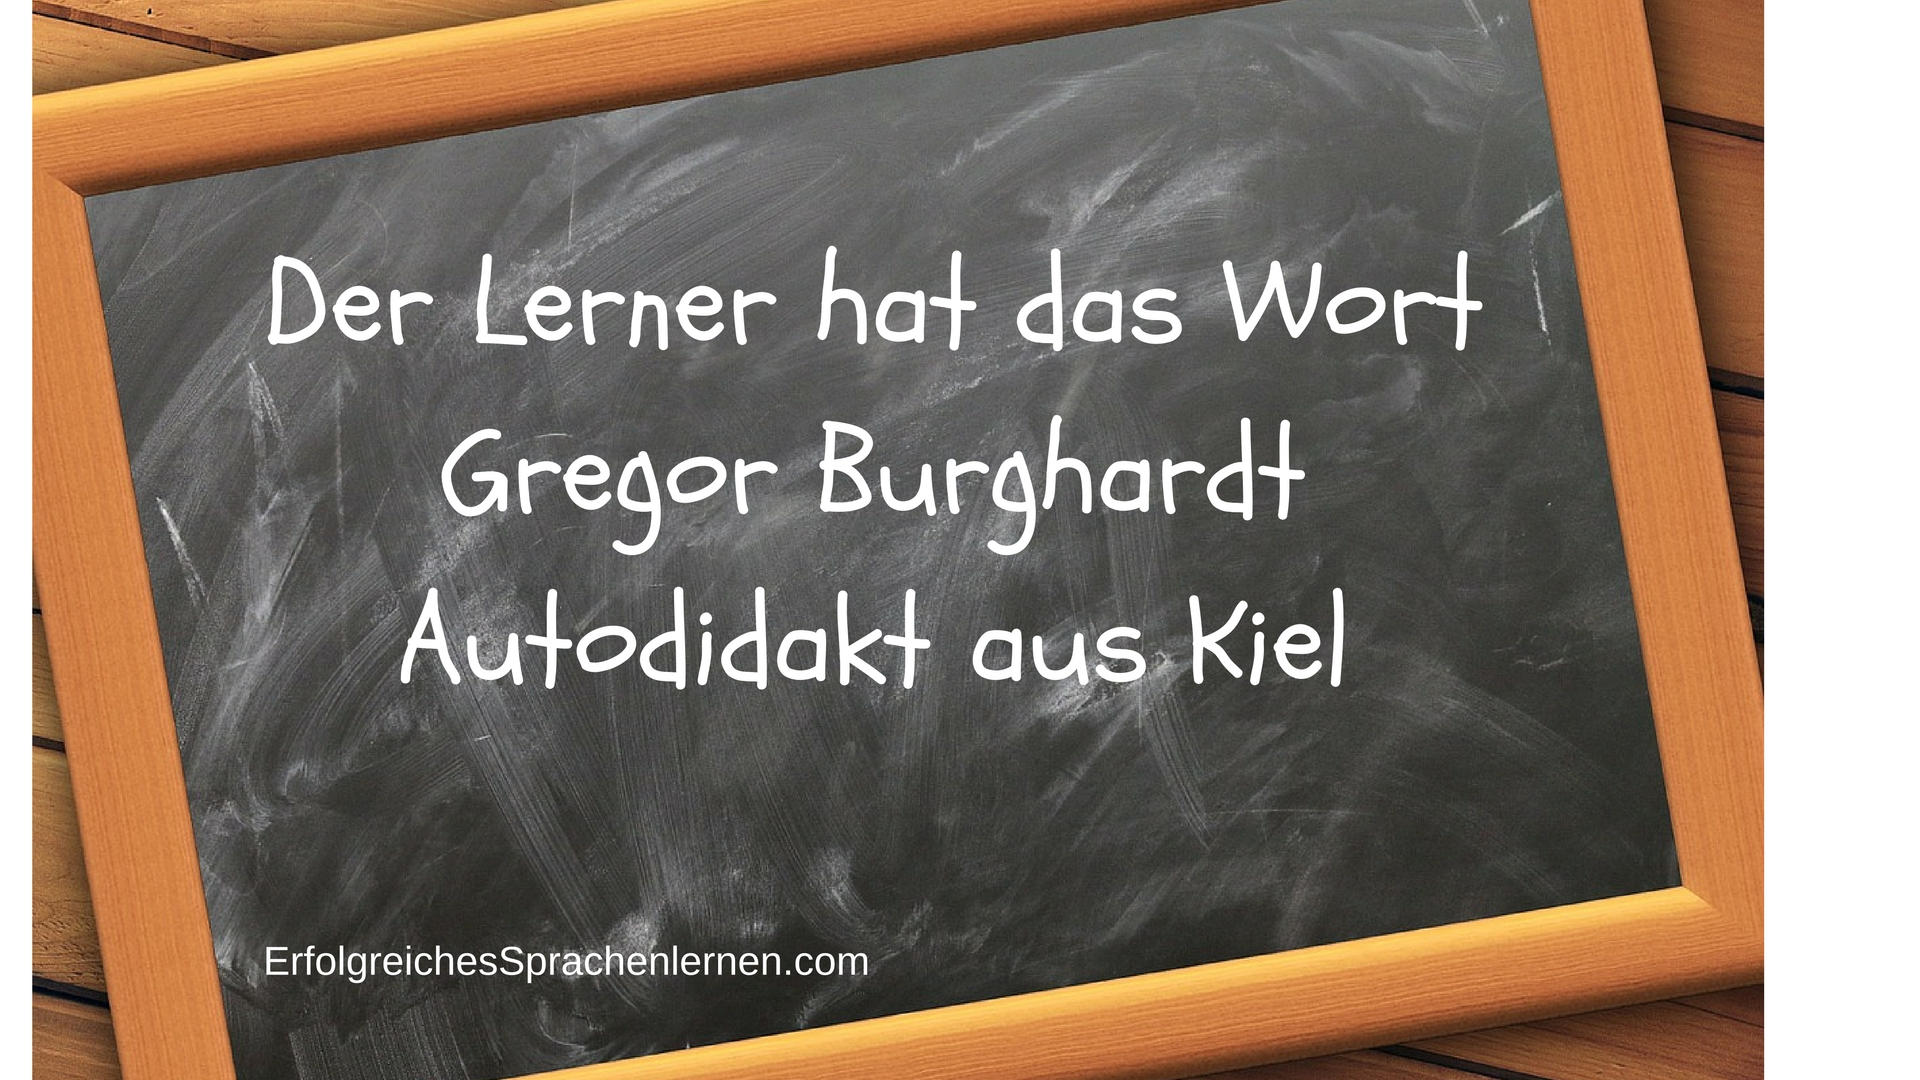 1der-lerner-hat-das-wort-gregor-burghardt